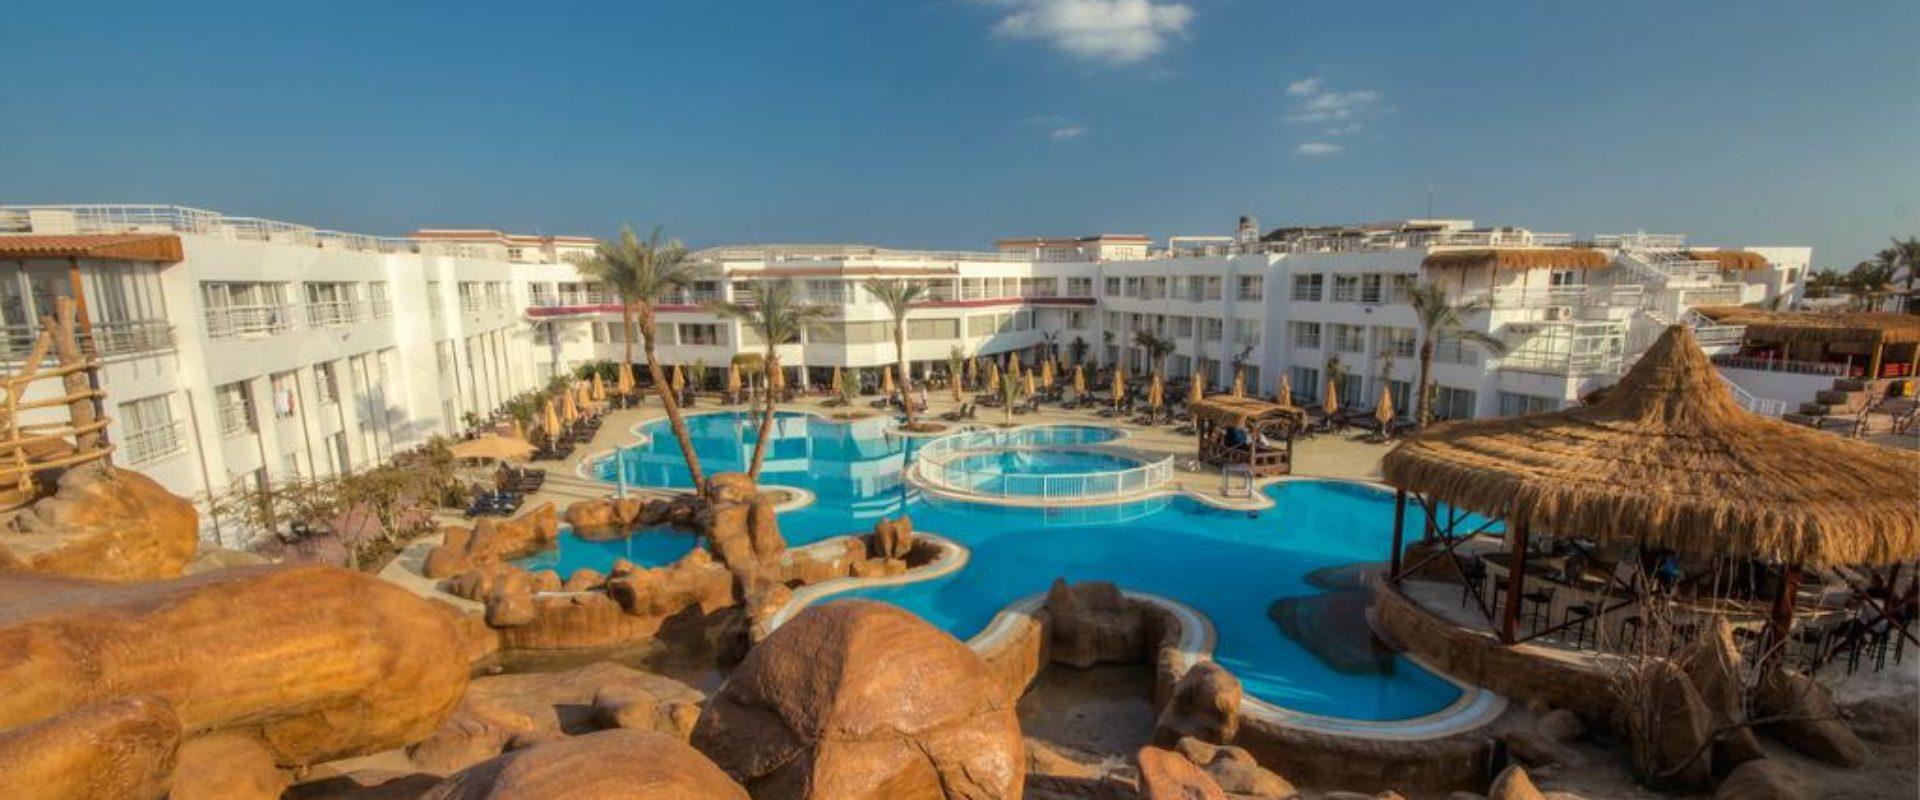 Ofertă la mare în Egipt, Hotel Sharming Inn